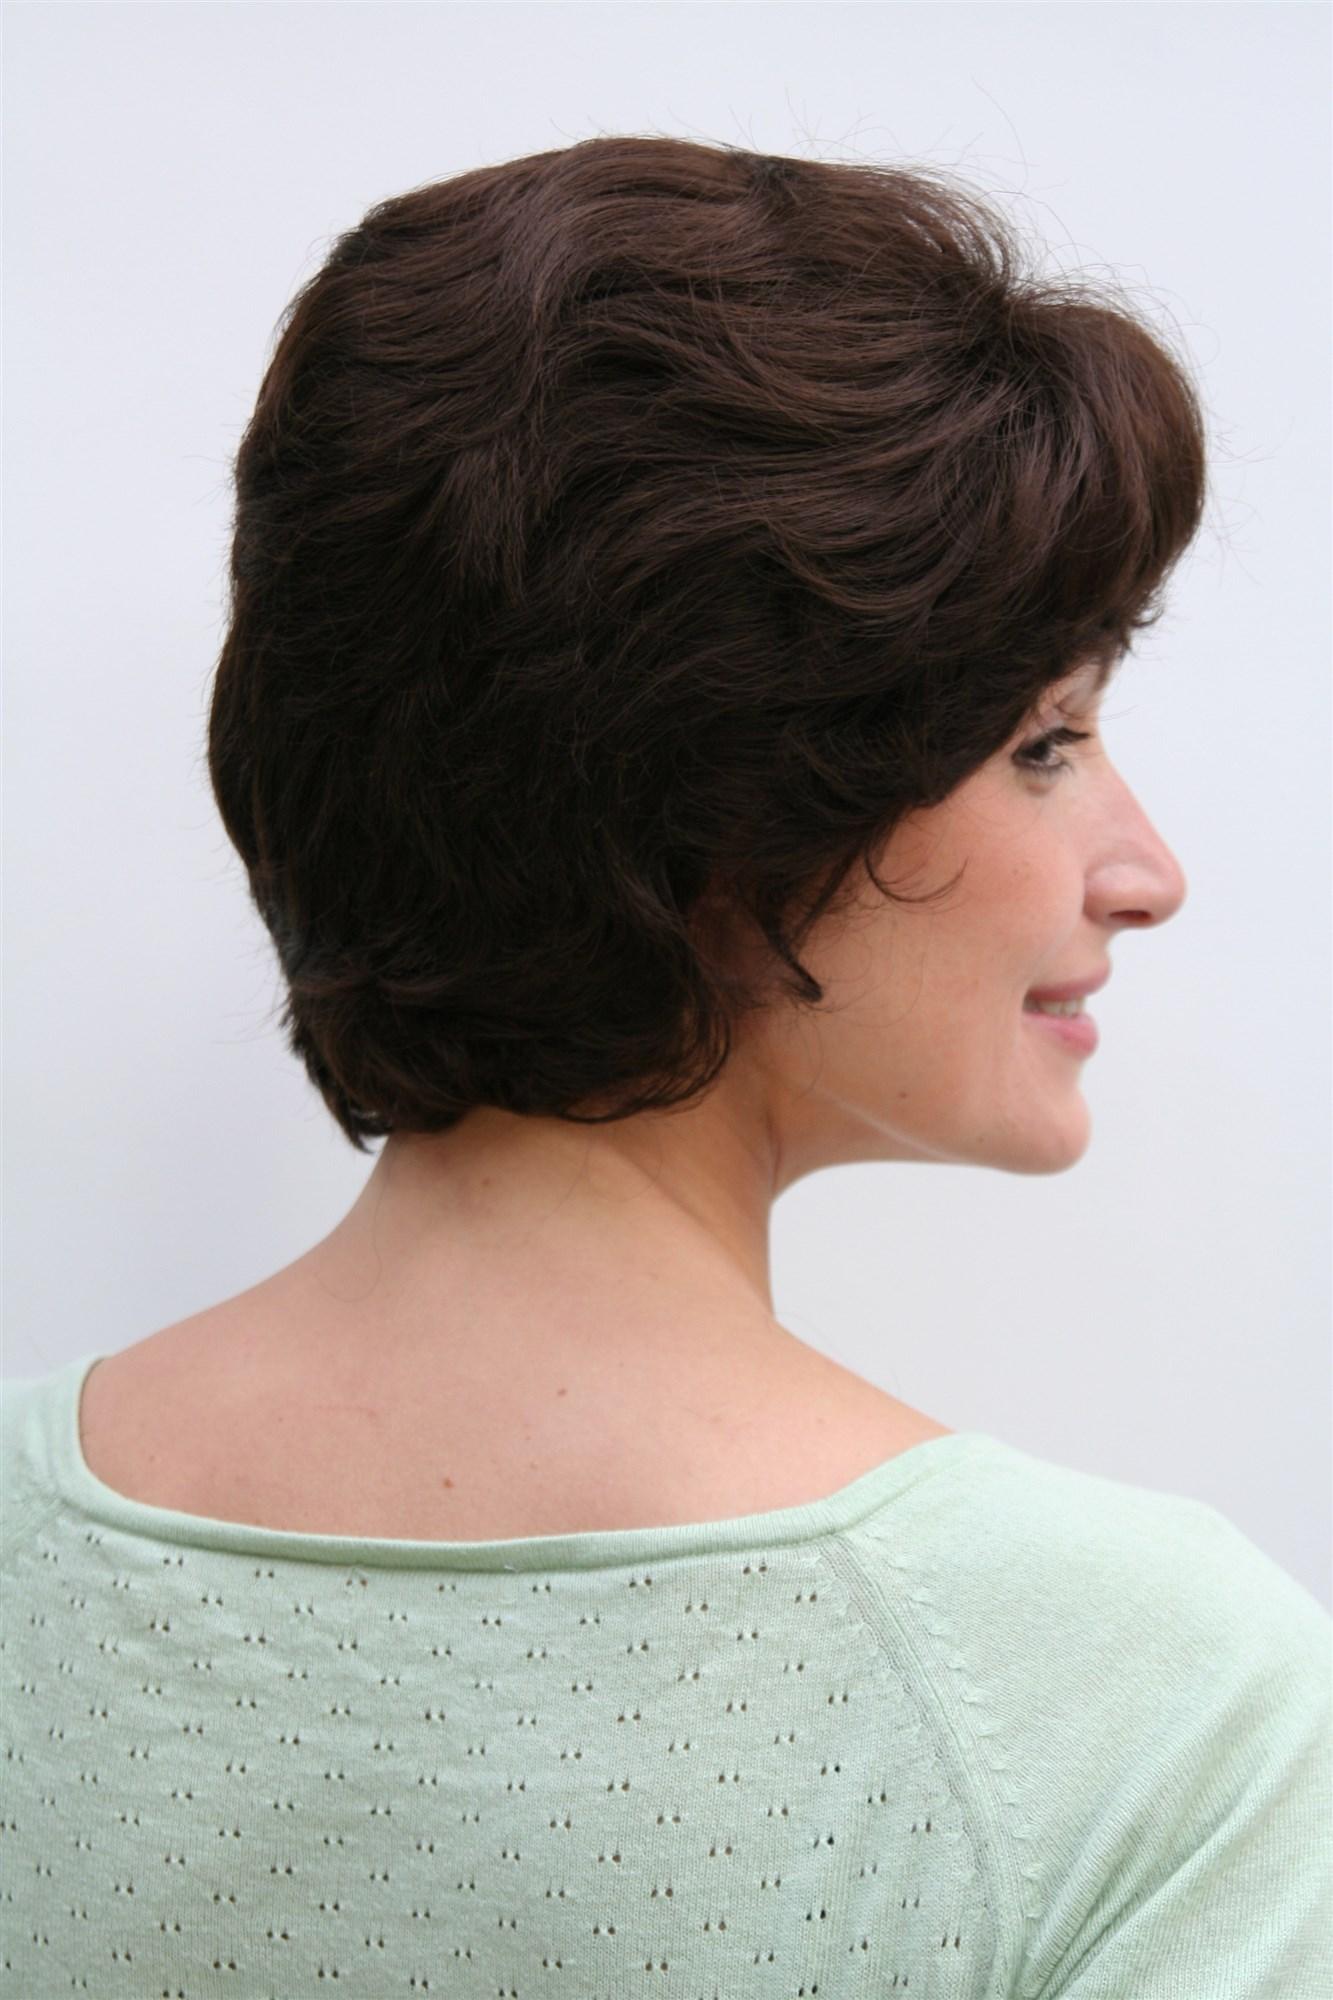 Perücke Damenperücke braun dunkelbraun kurze Haare